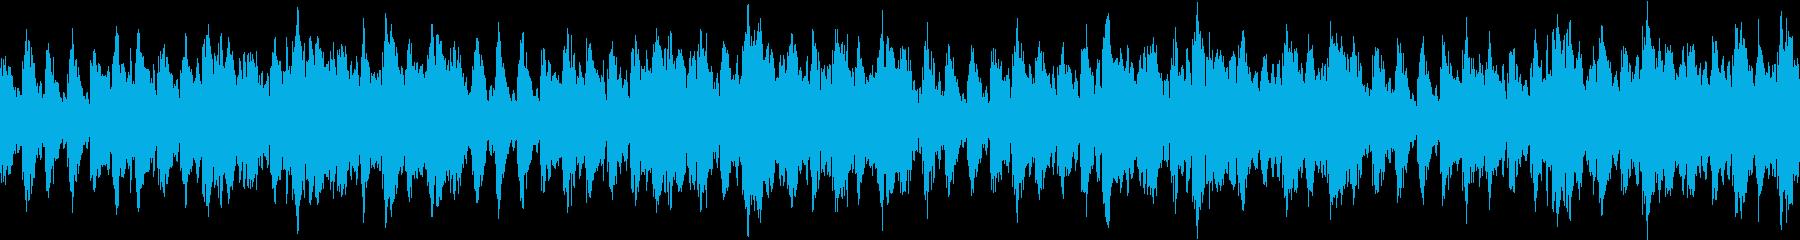 ループ、オルゴールのバラード、リラックスの再生済みの波形